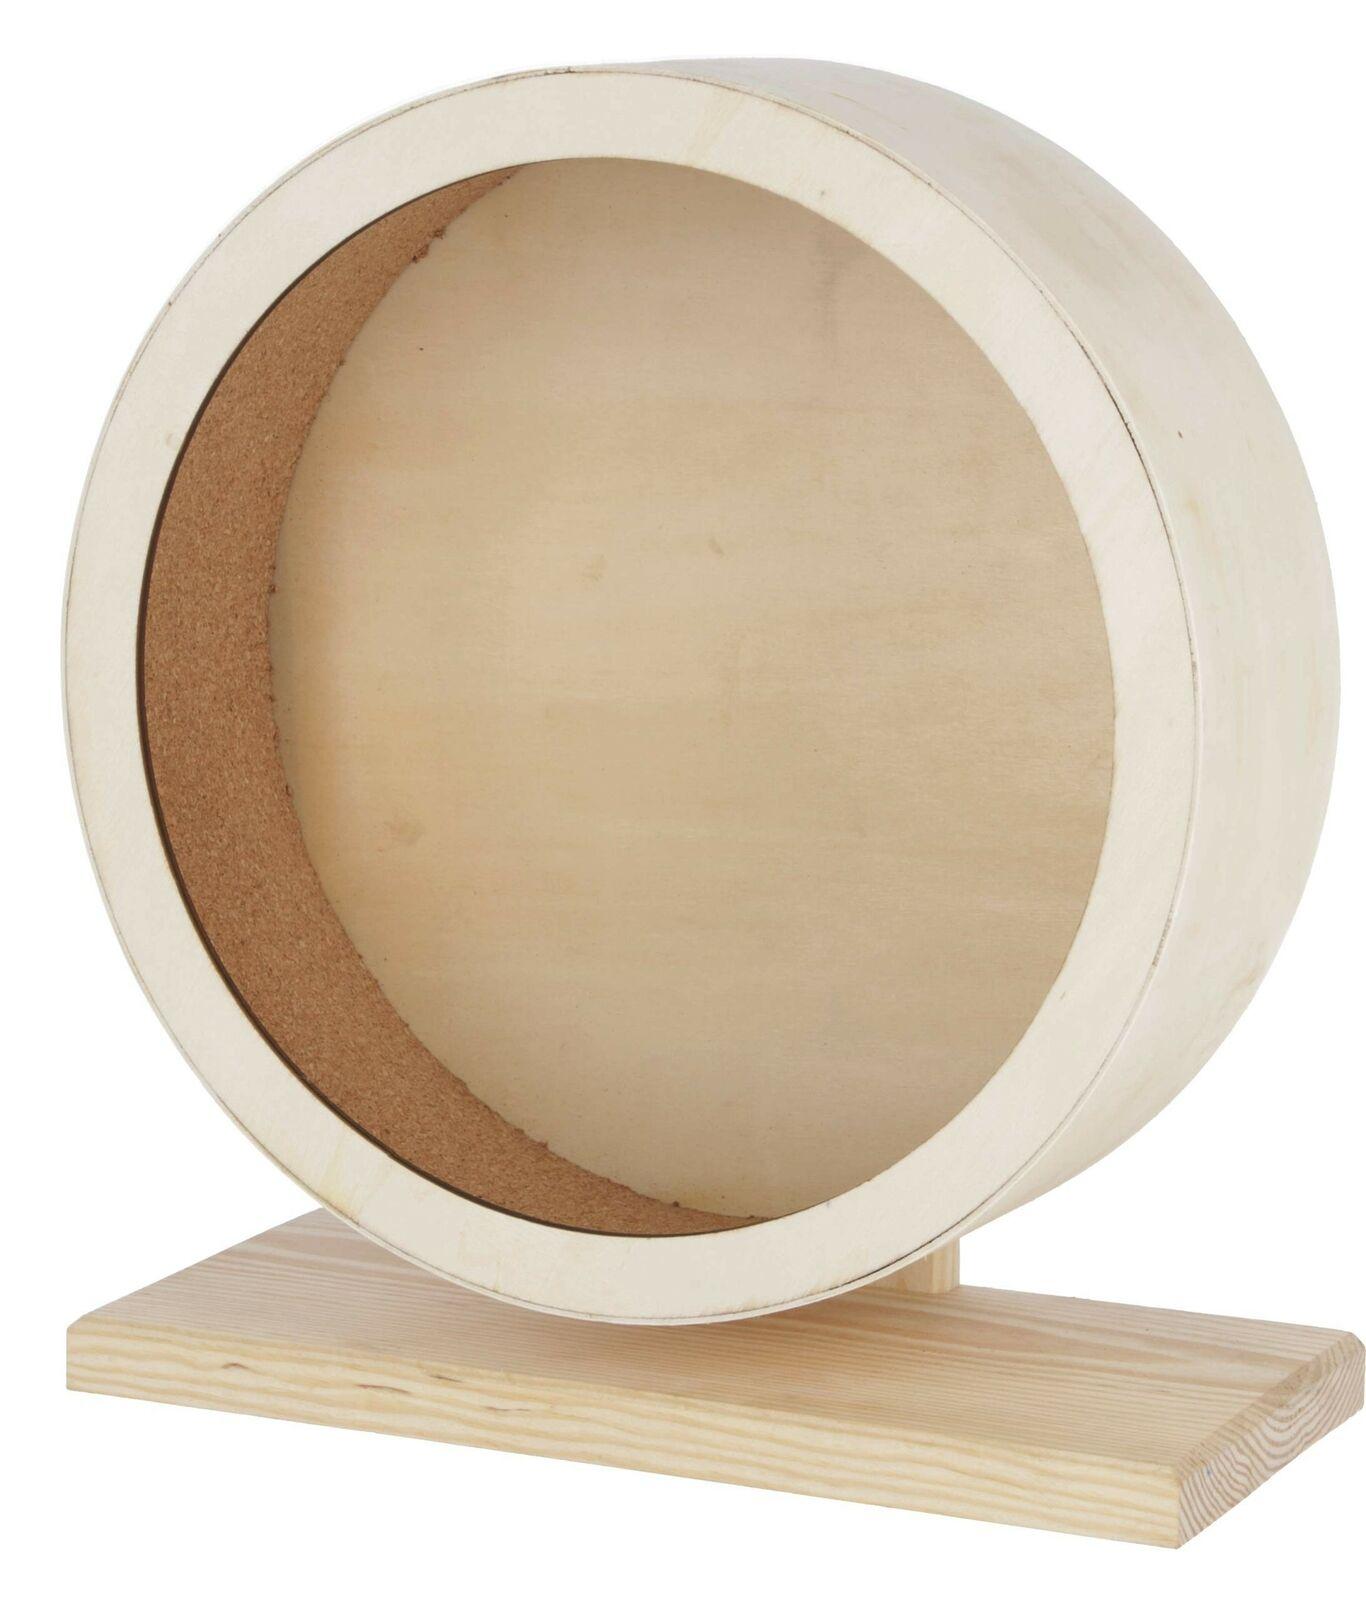 KERBL criceto ruota in legno, 30 cm, Marrone